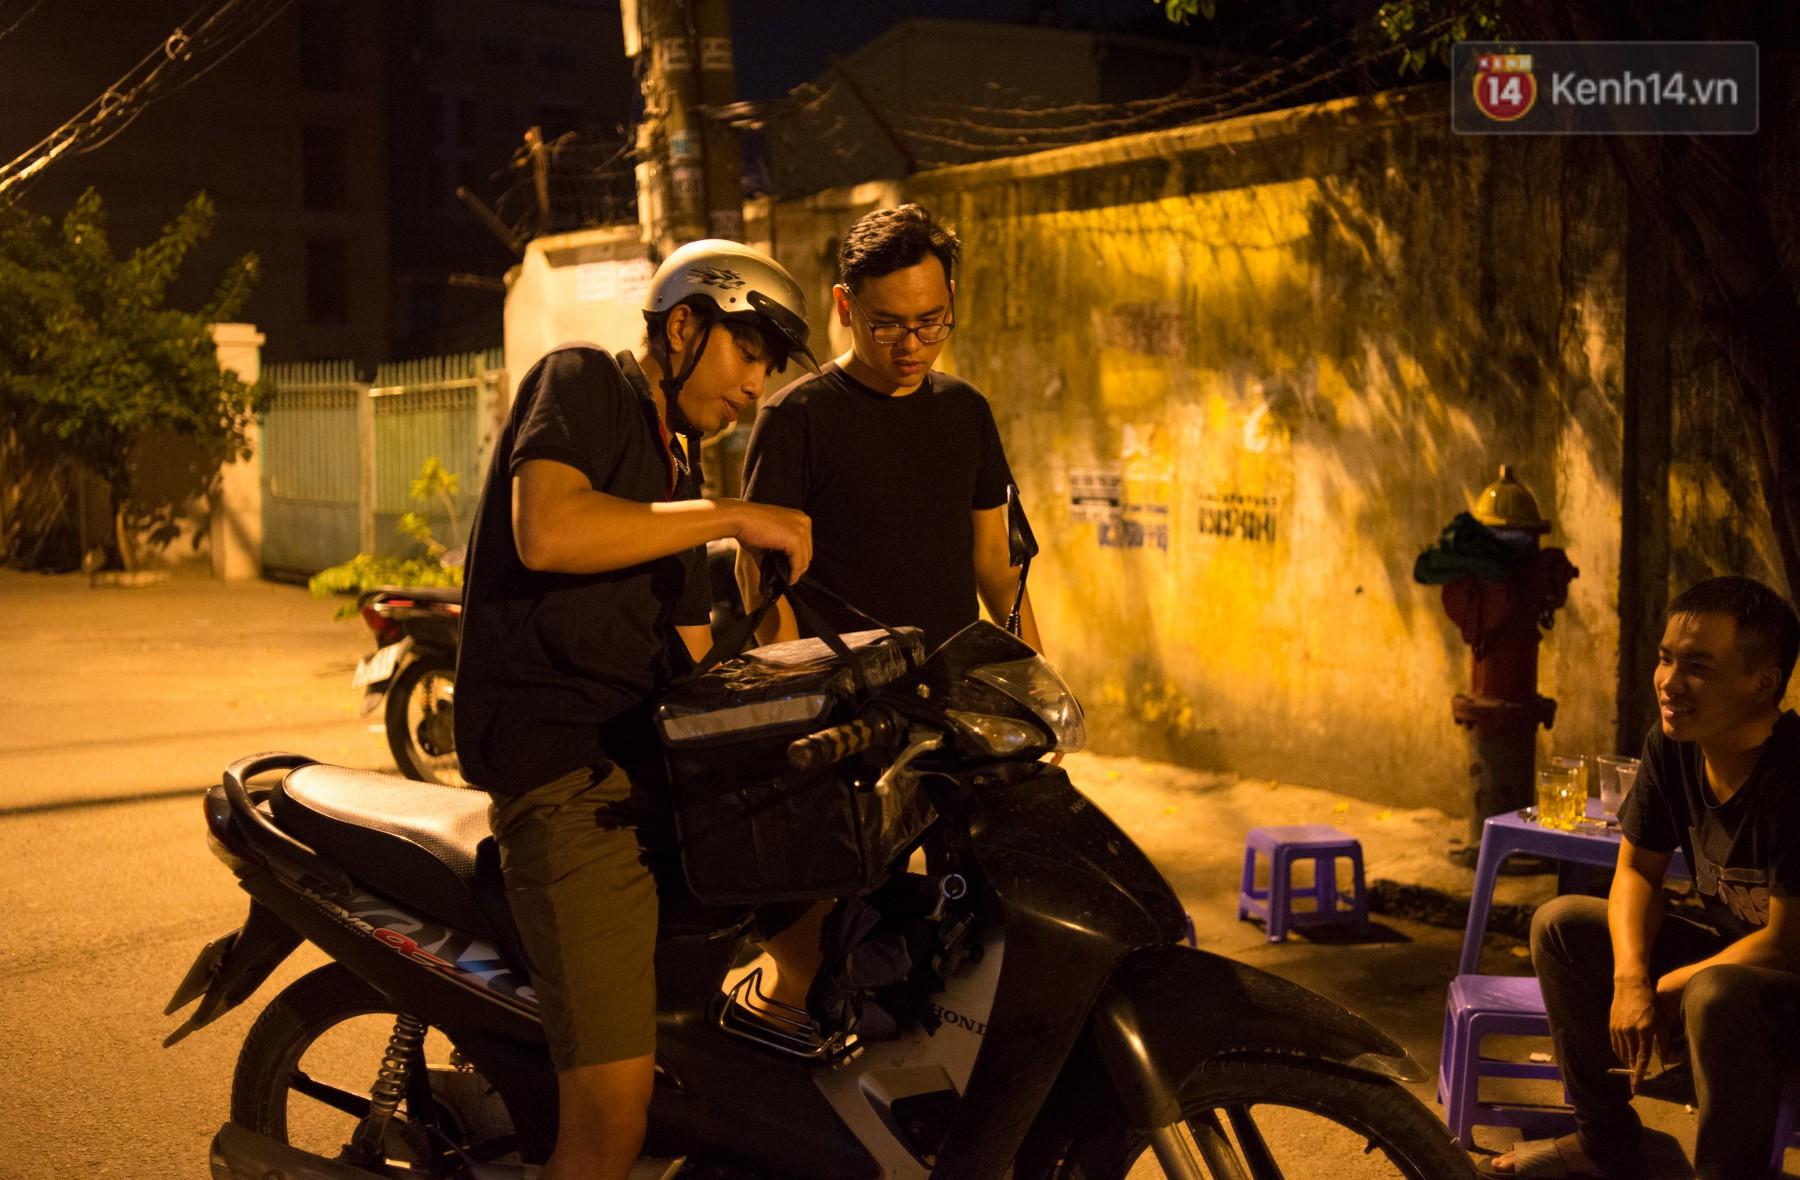 Dịch vụ giao thức ăn đêm ở Sài Gòn tăng cường hoạt động đến gần 3h sáng trong mùa World Cup - Ảnh 8.